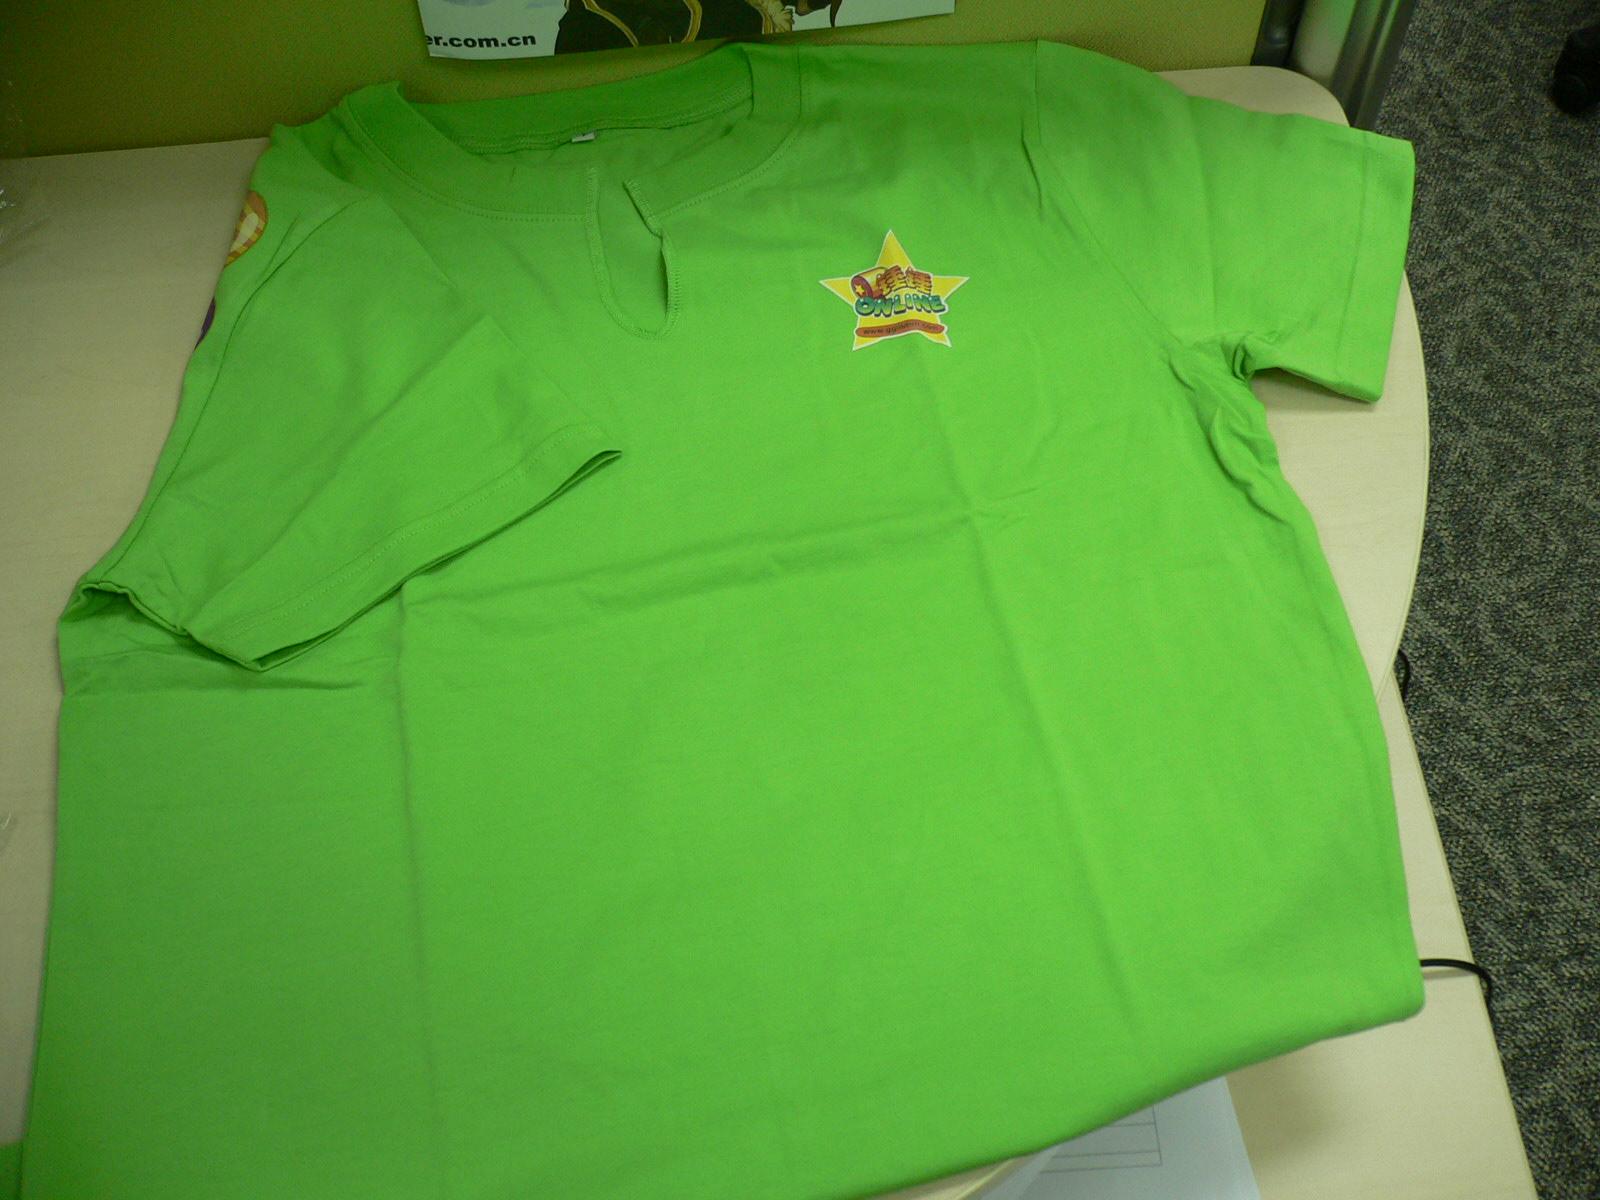 锤锤OL 周边 6 GG专用短袖T恤